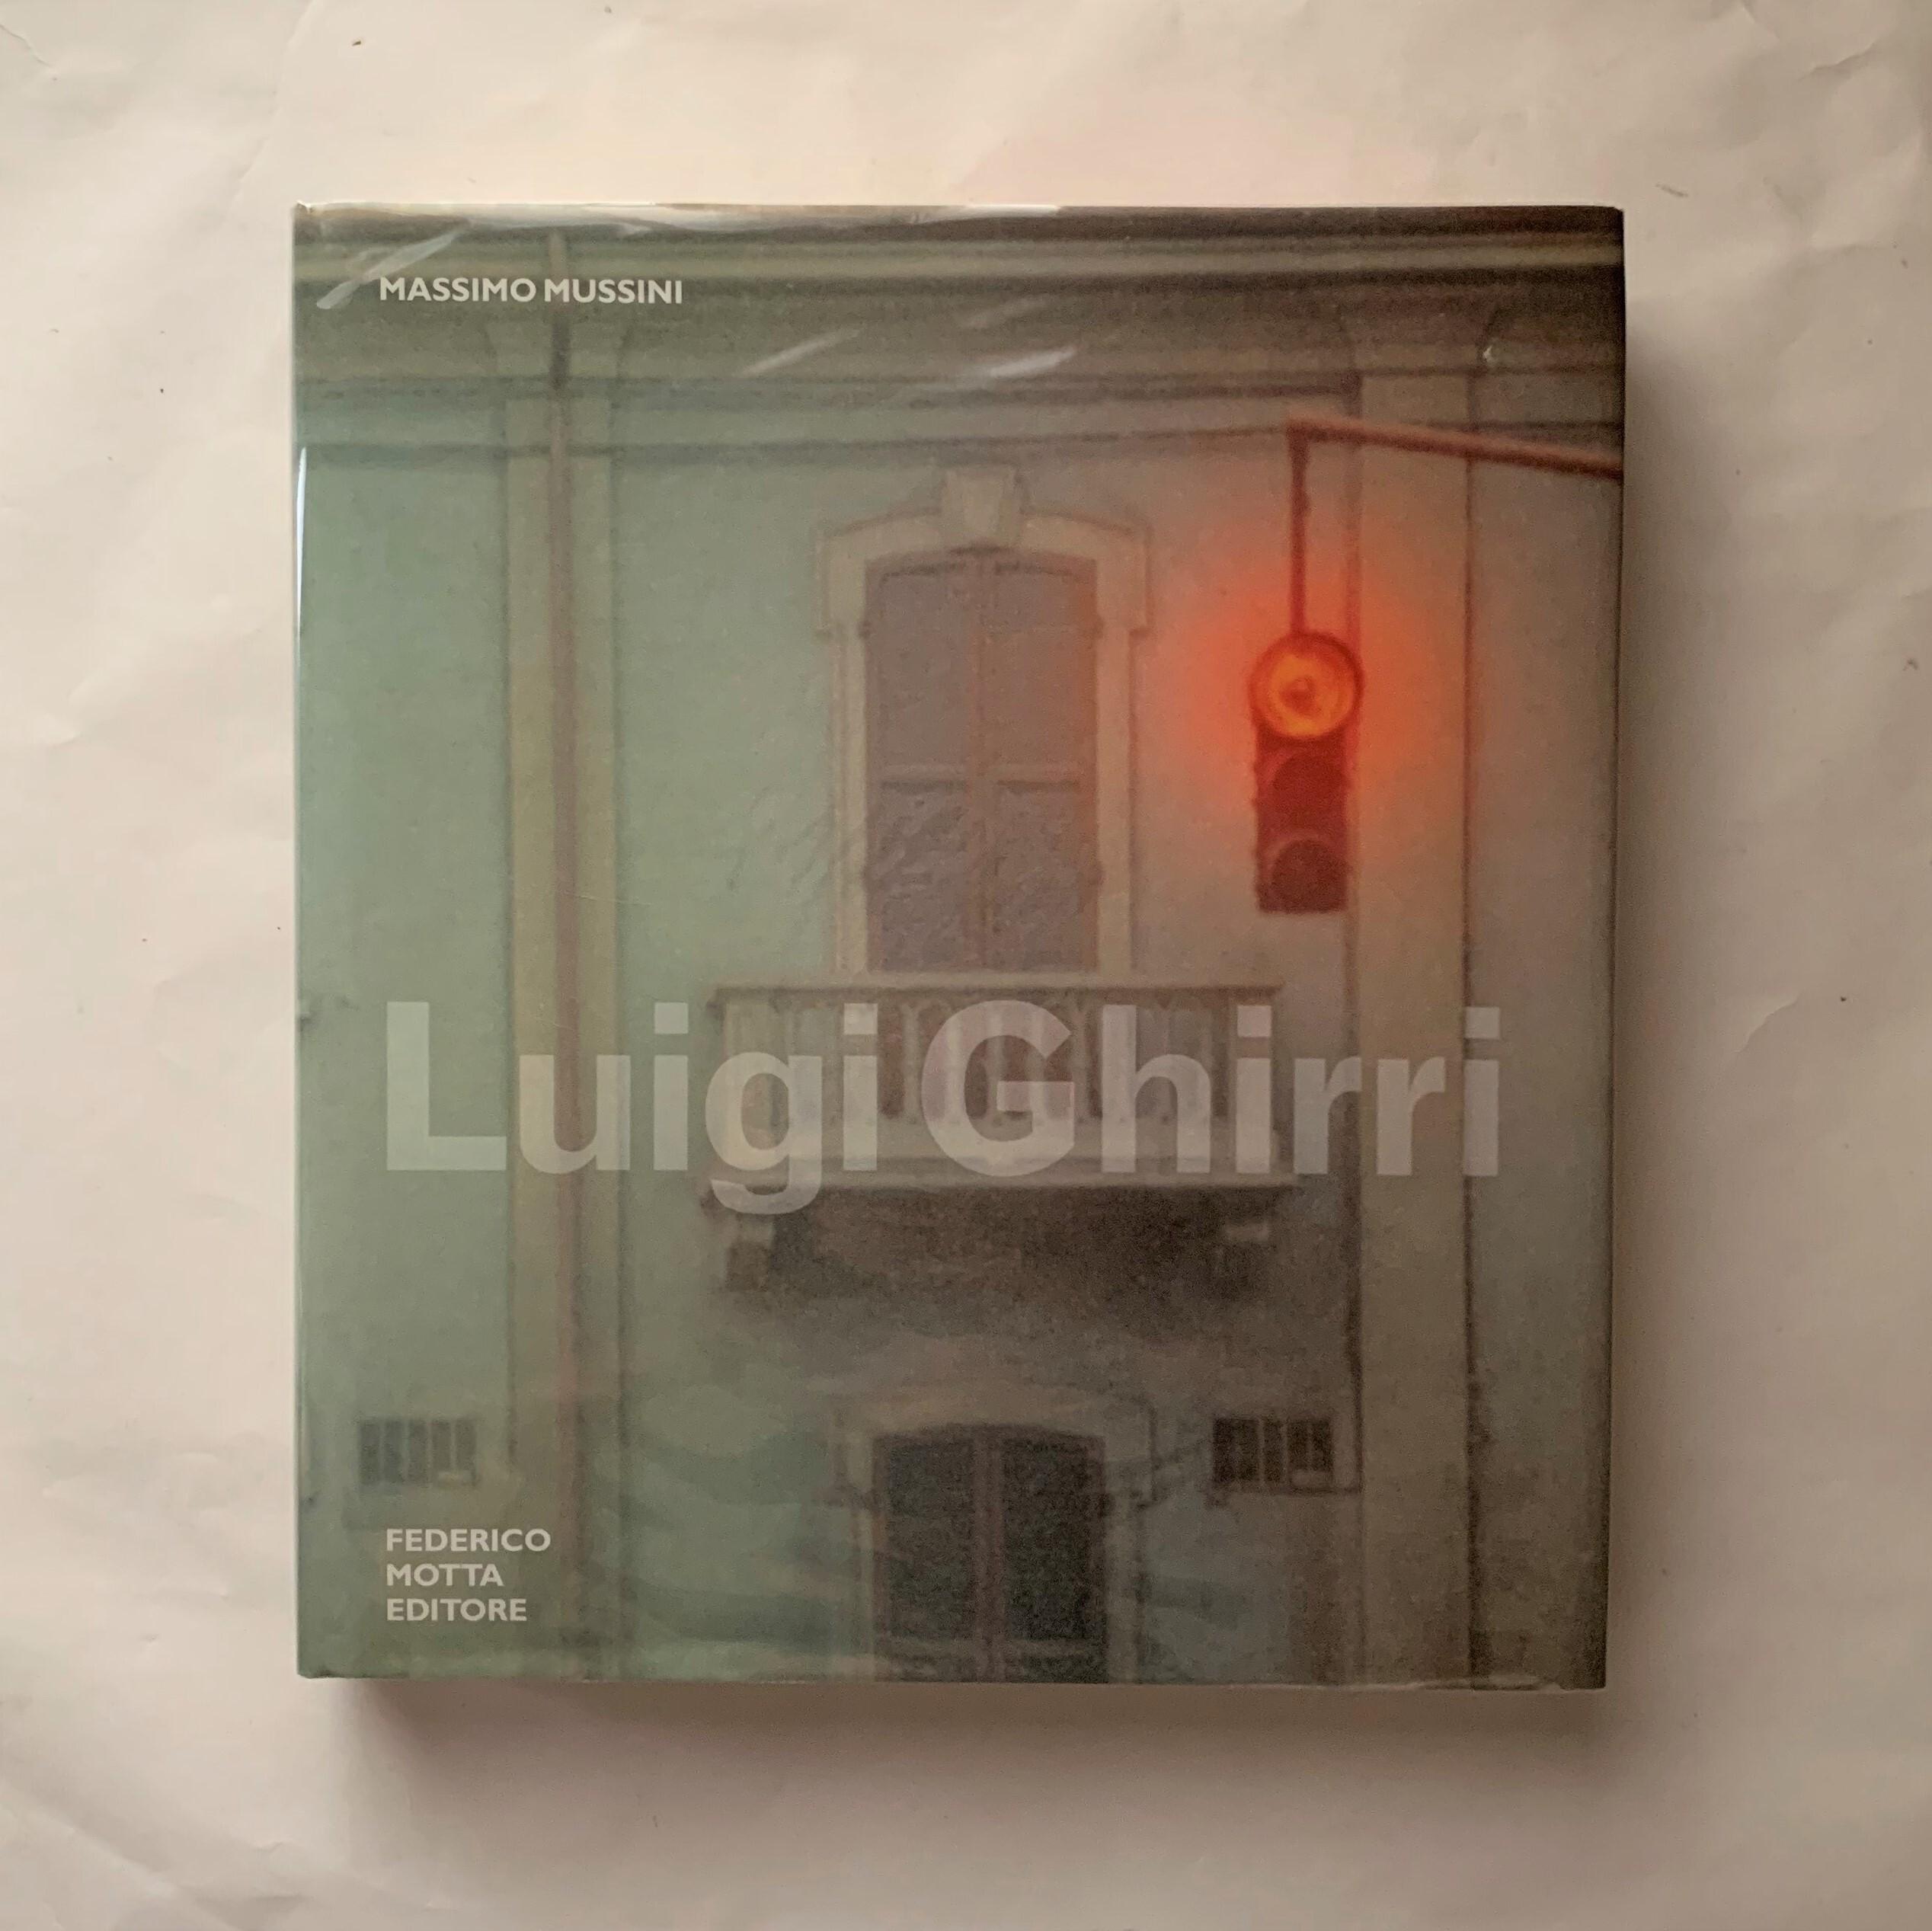 Luigi Ghirri ルイジ・ギリ / Massimo Mussini / Federico Motta Editore 2001